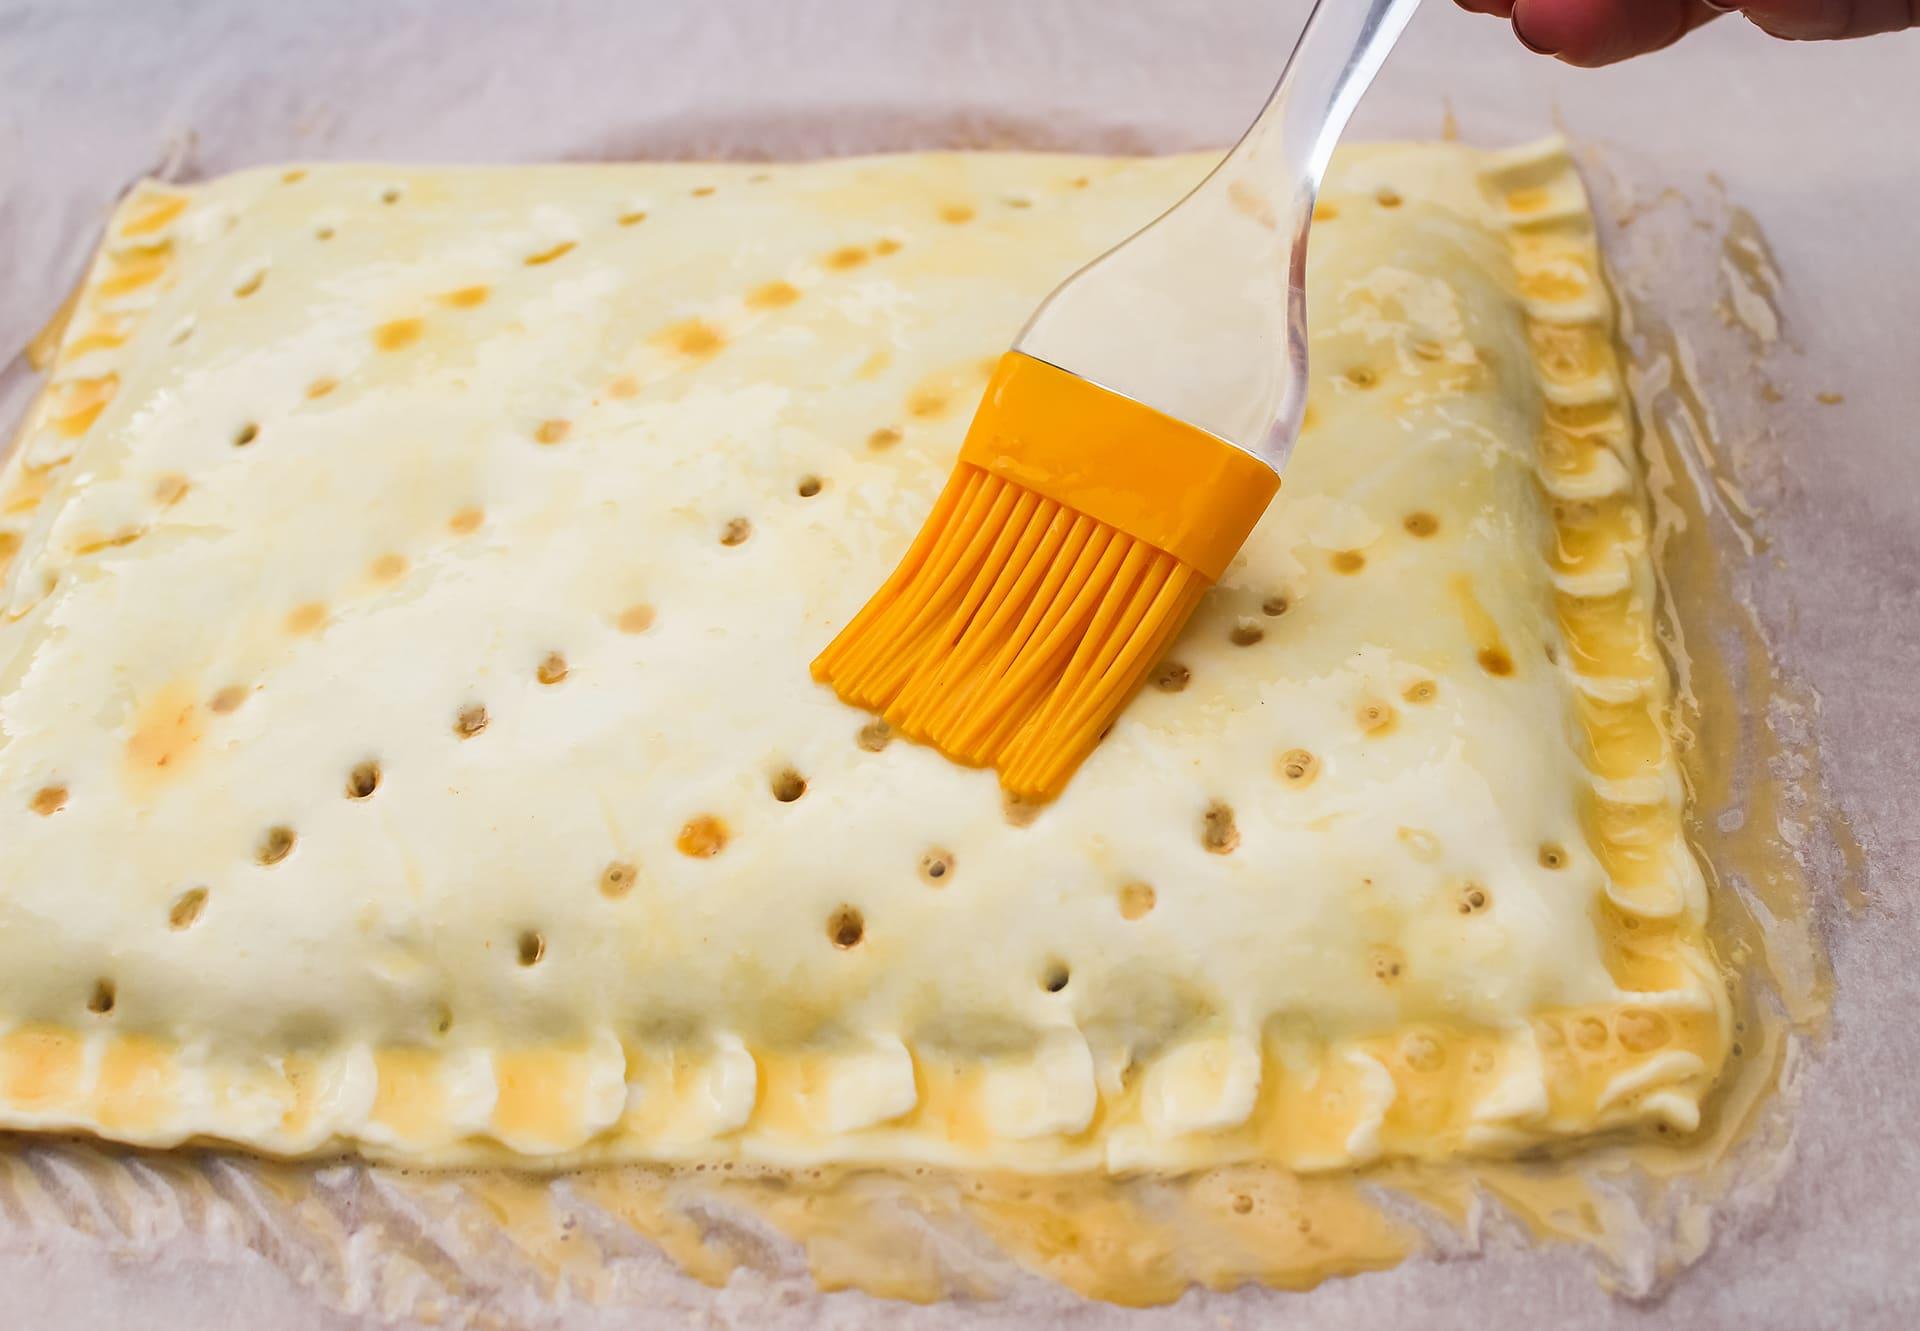 Extiende una fina capa de huevo sobre la empanada para que se dore